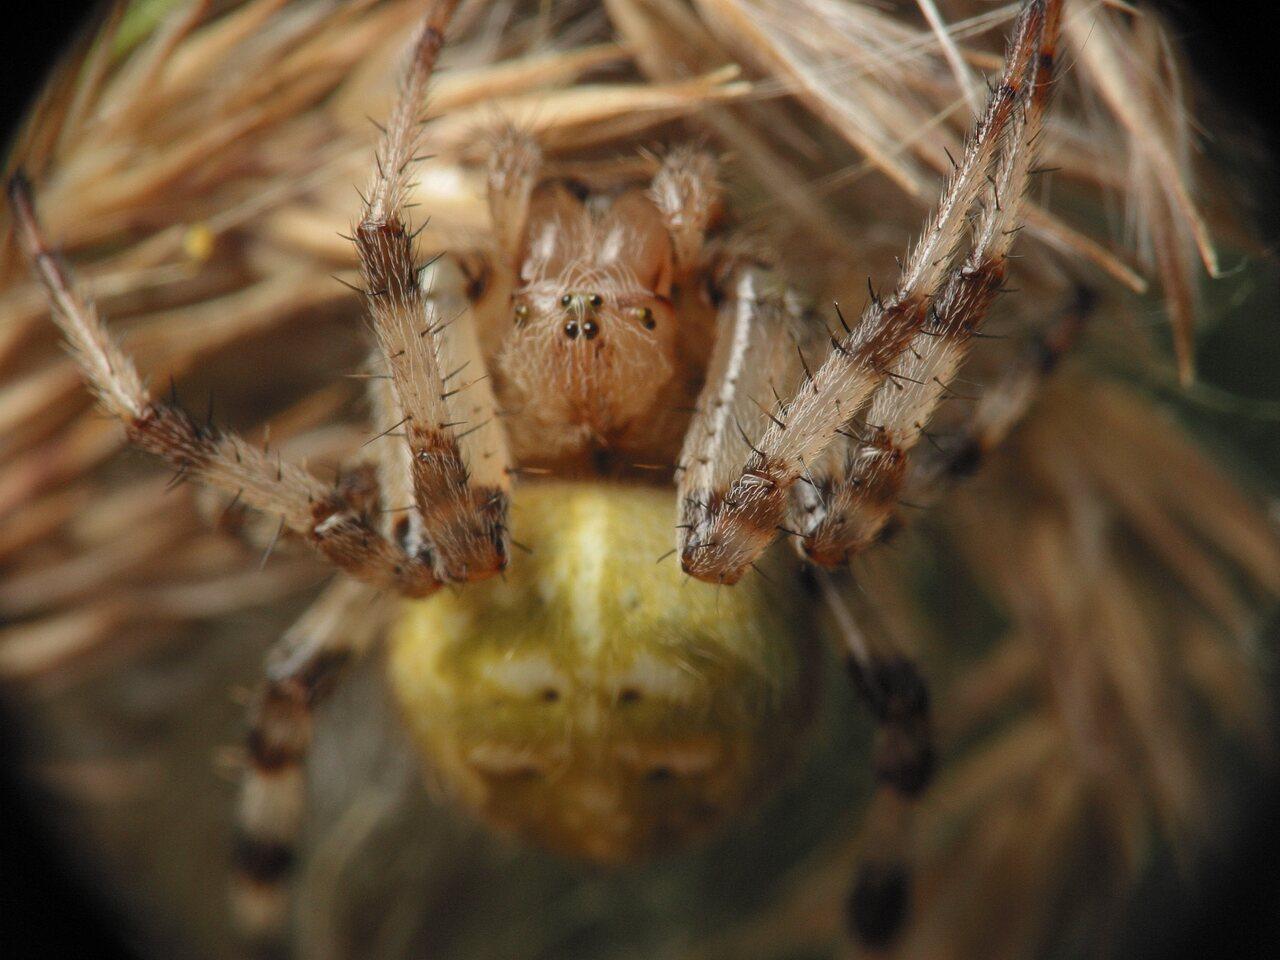 Araneus-quadratus-4033.jpg